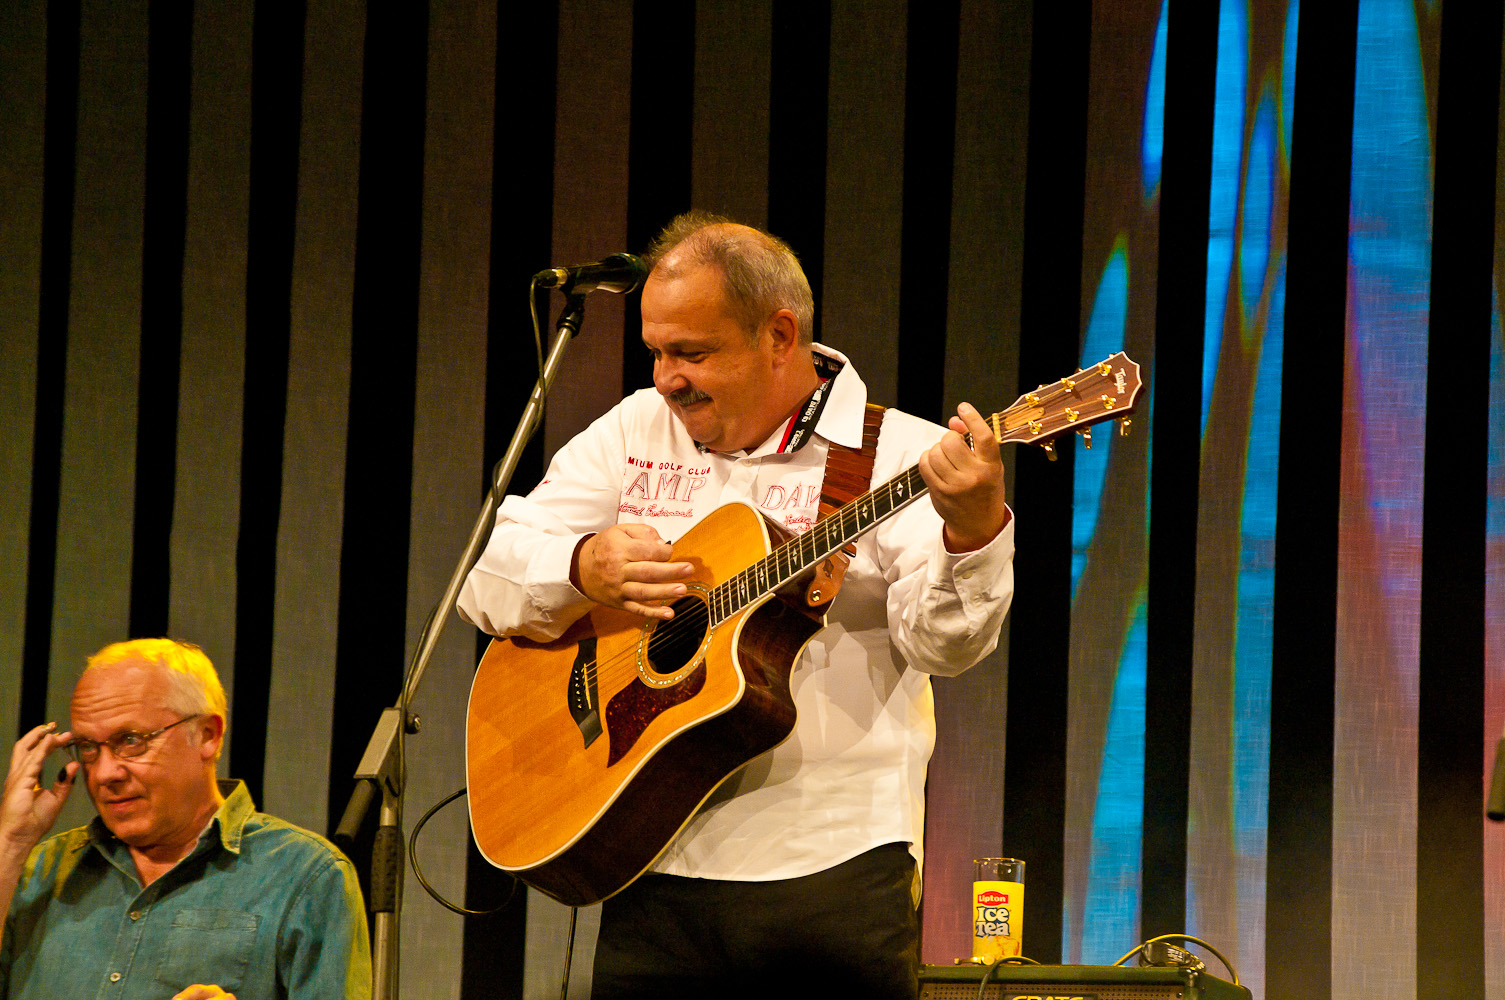 Medard Konopík a Jiří Zima, koncert Honzy Vyčítala a skupiny Greenhorns, Praha, Divadlo ABC 21.10.2012 (Foto: Jiří Konc / CountryWorld.cz)